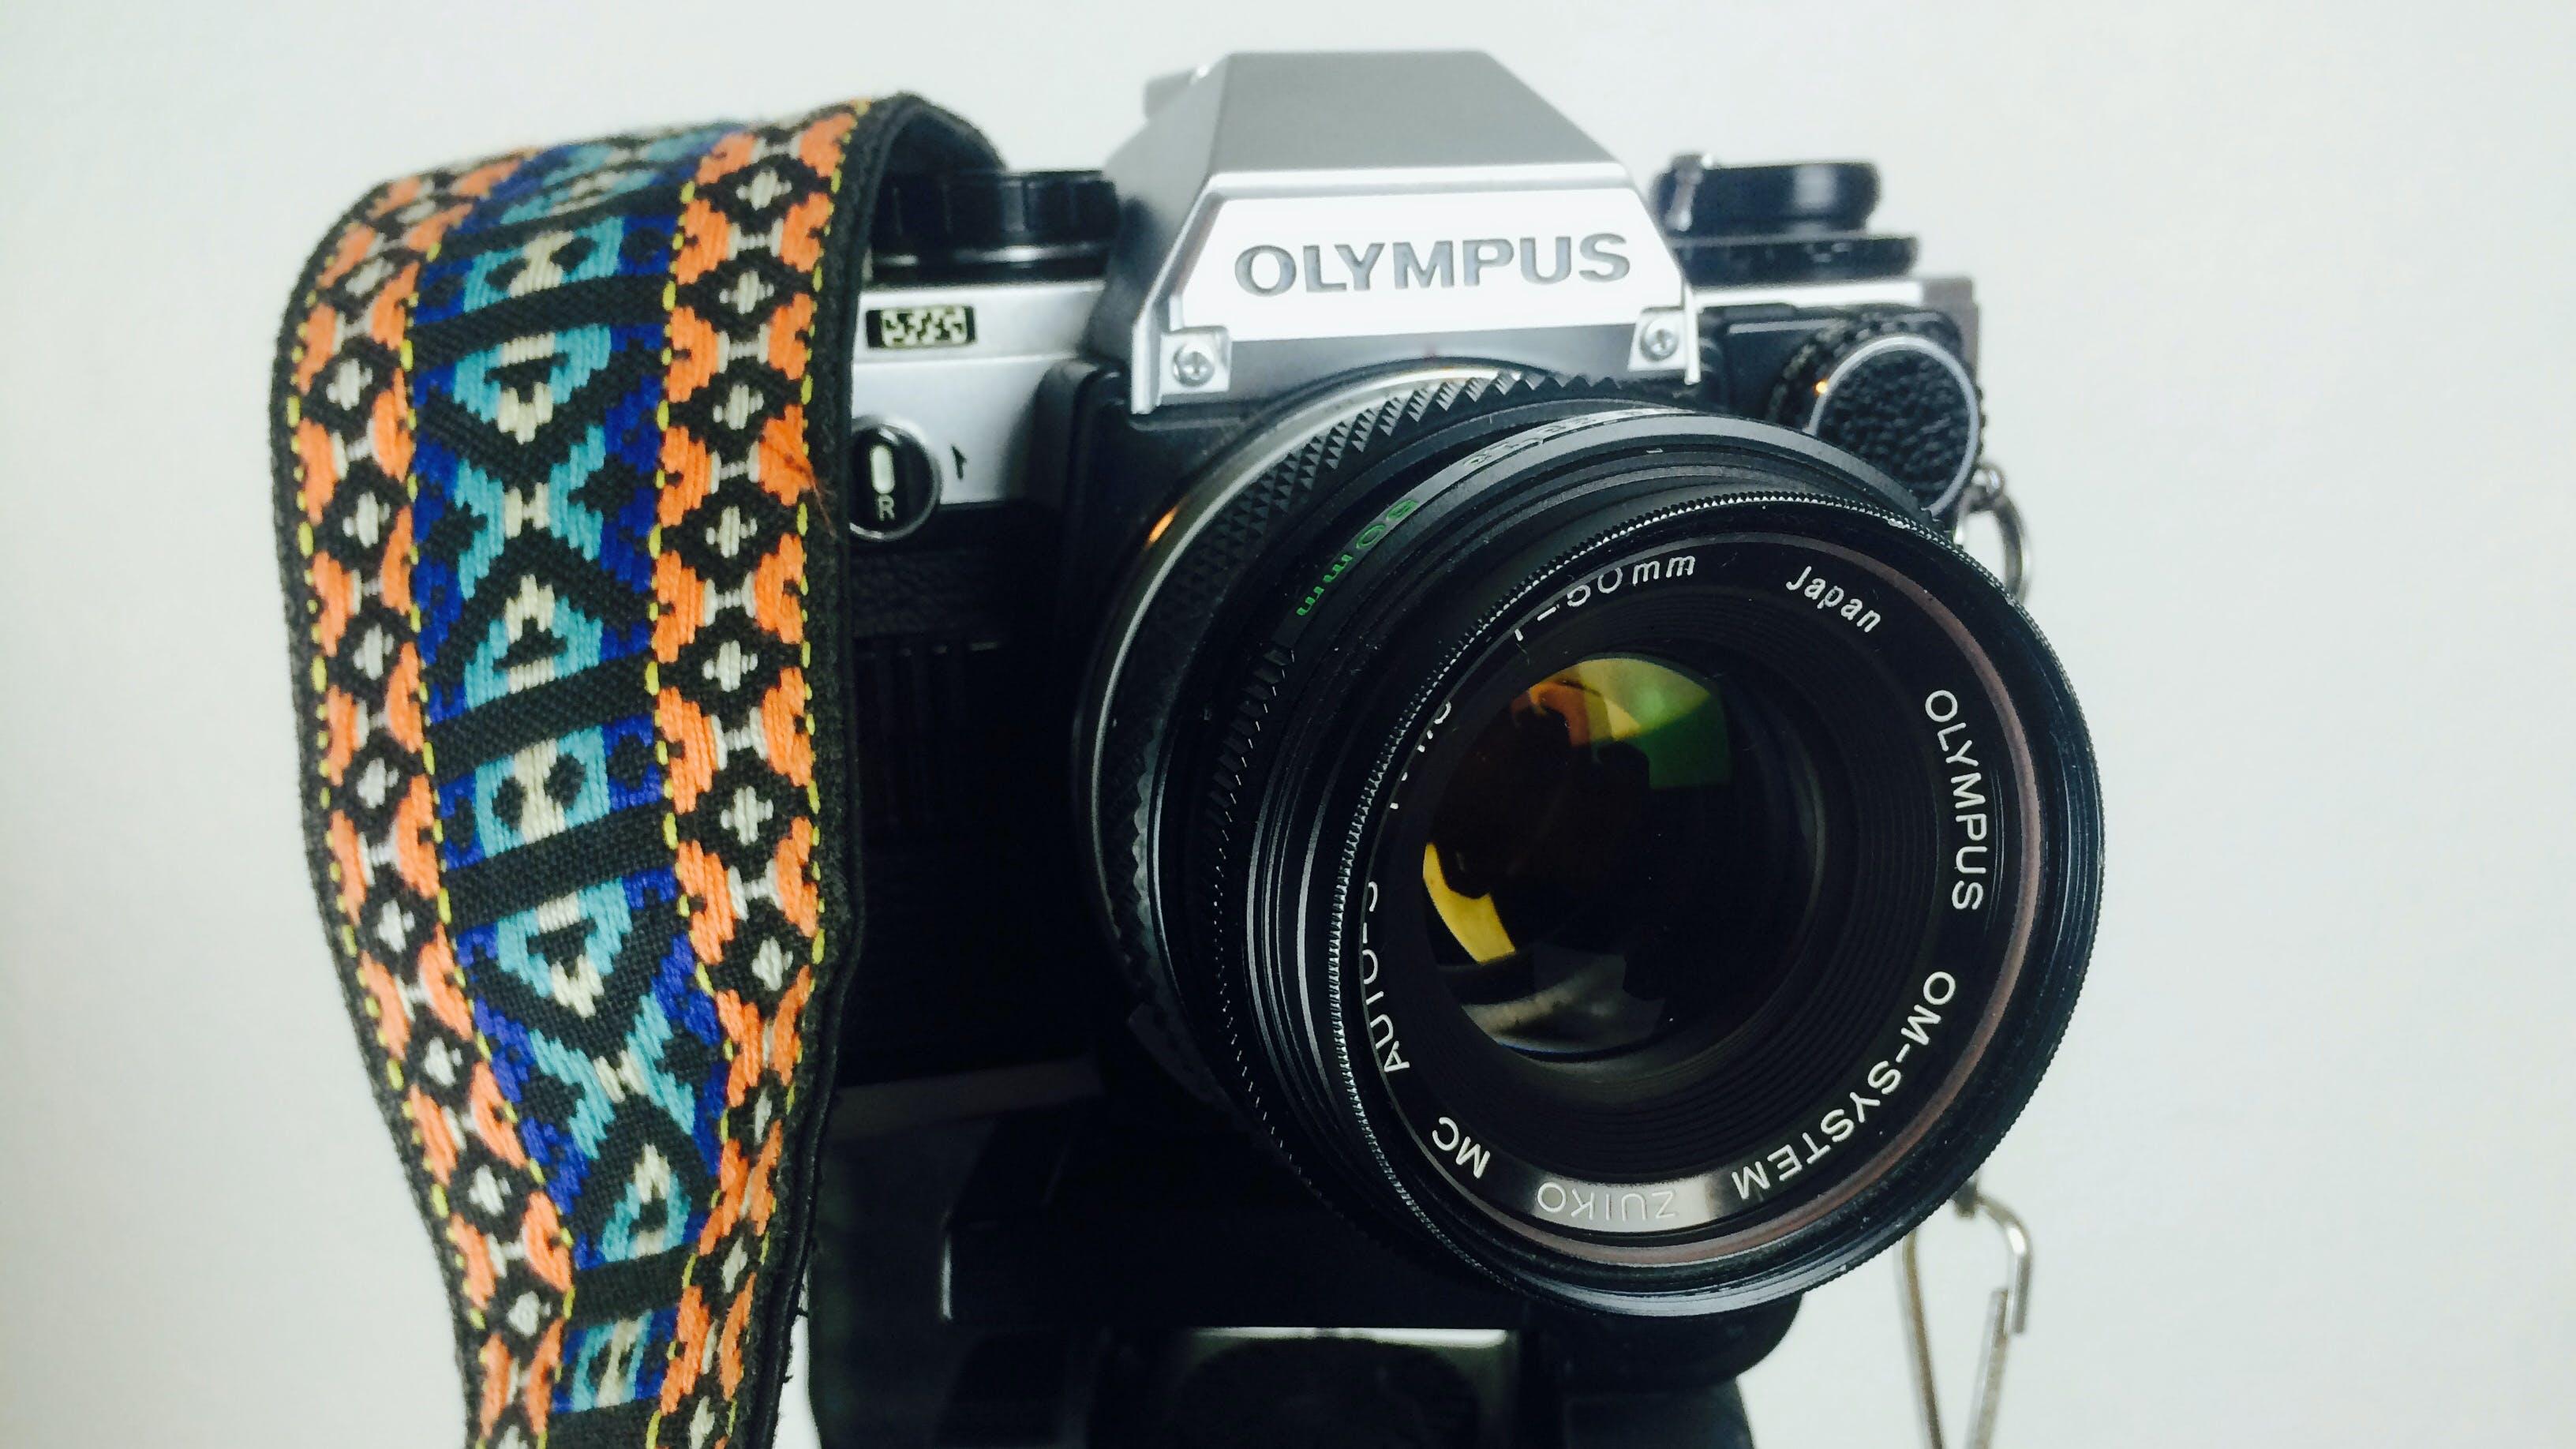 Fotos de stock gratuitas de cámara, fotografía, lente, Olimpo